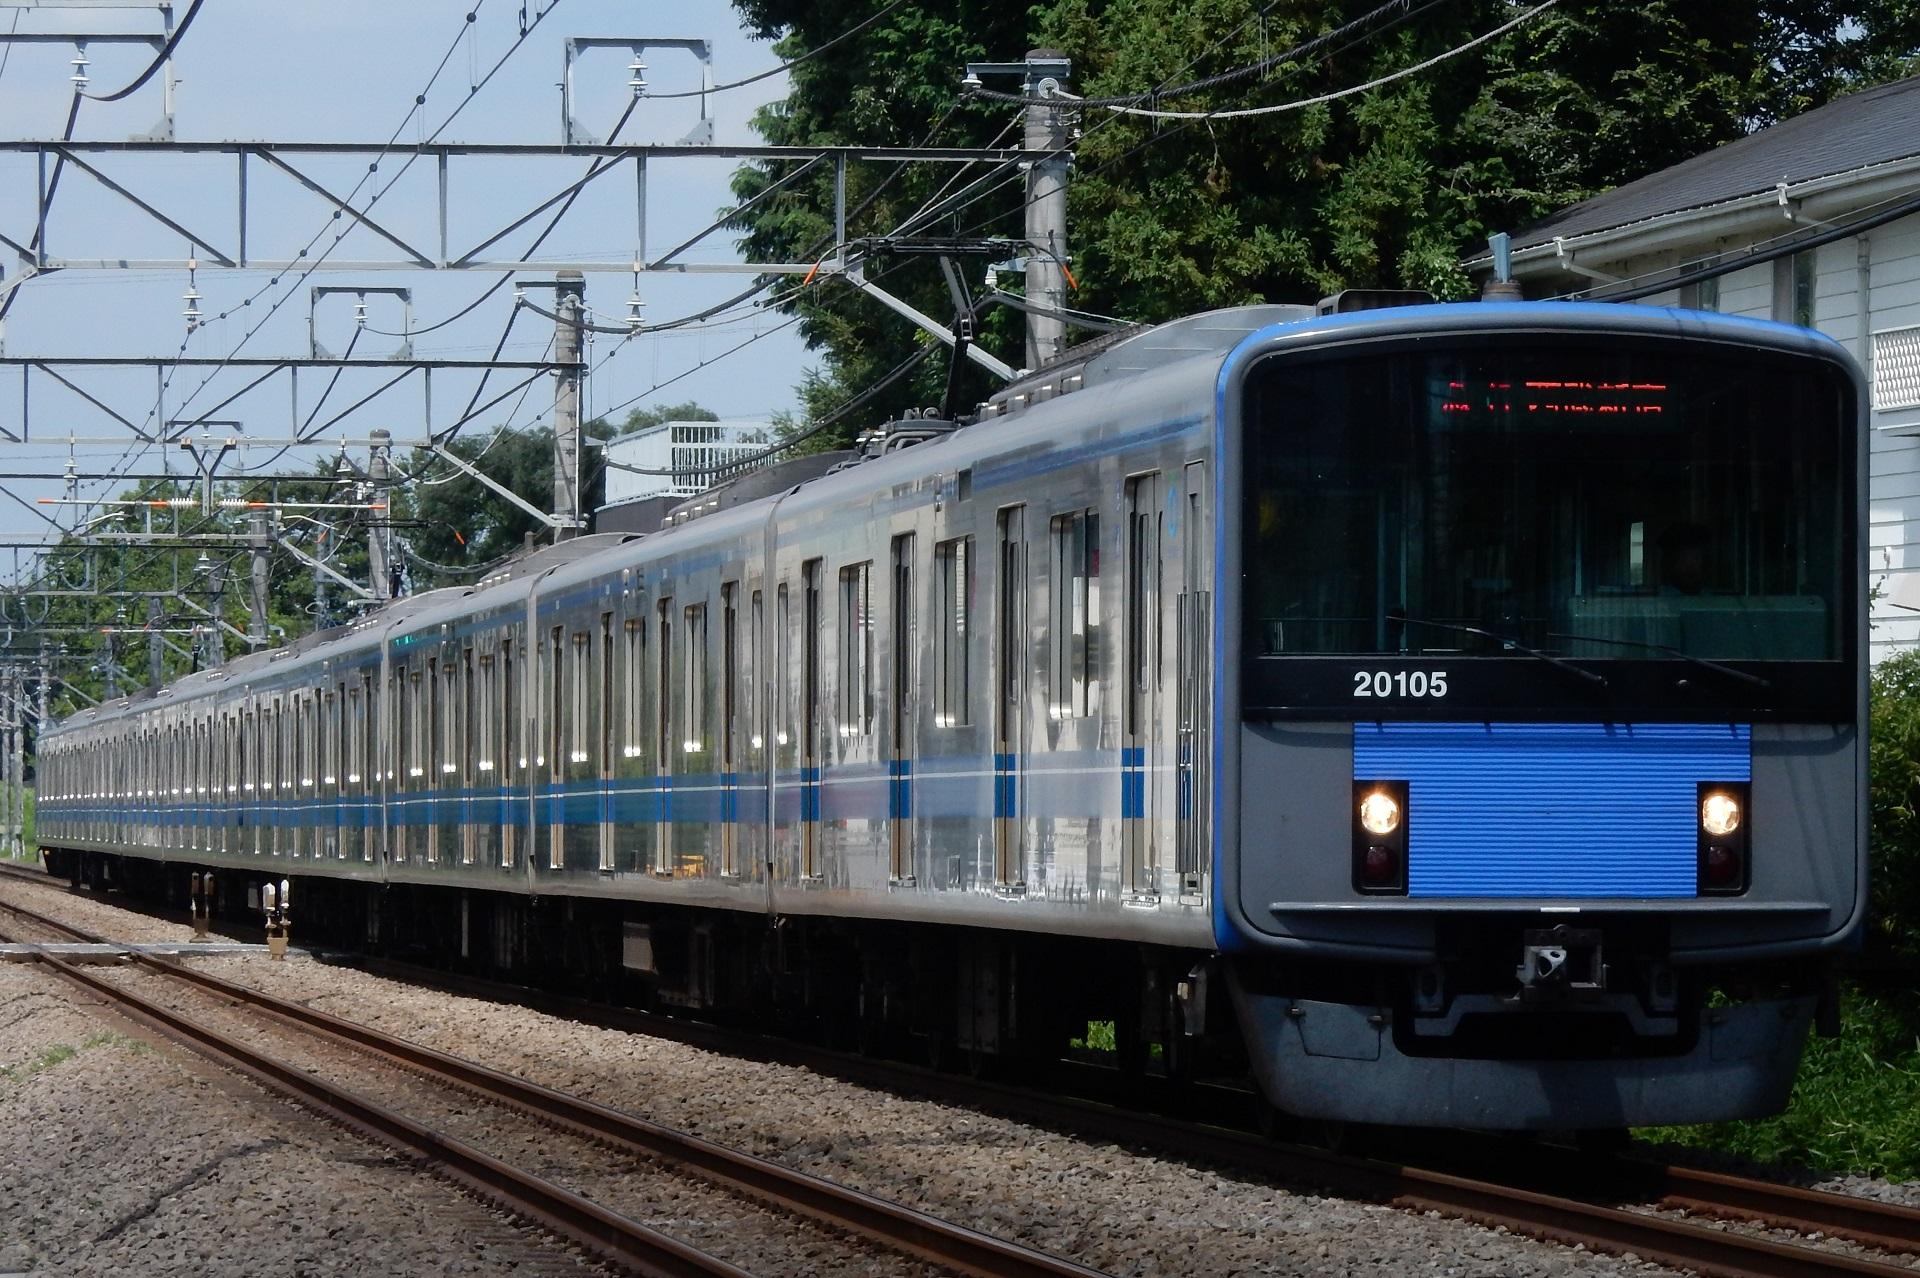 DSCN4121 - コピー